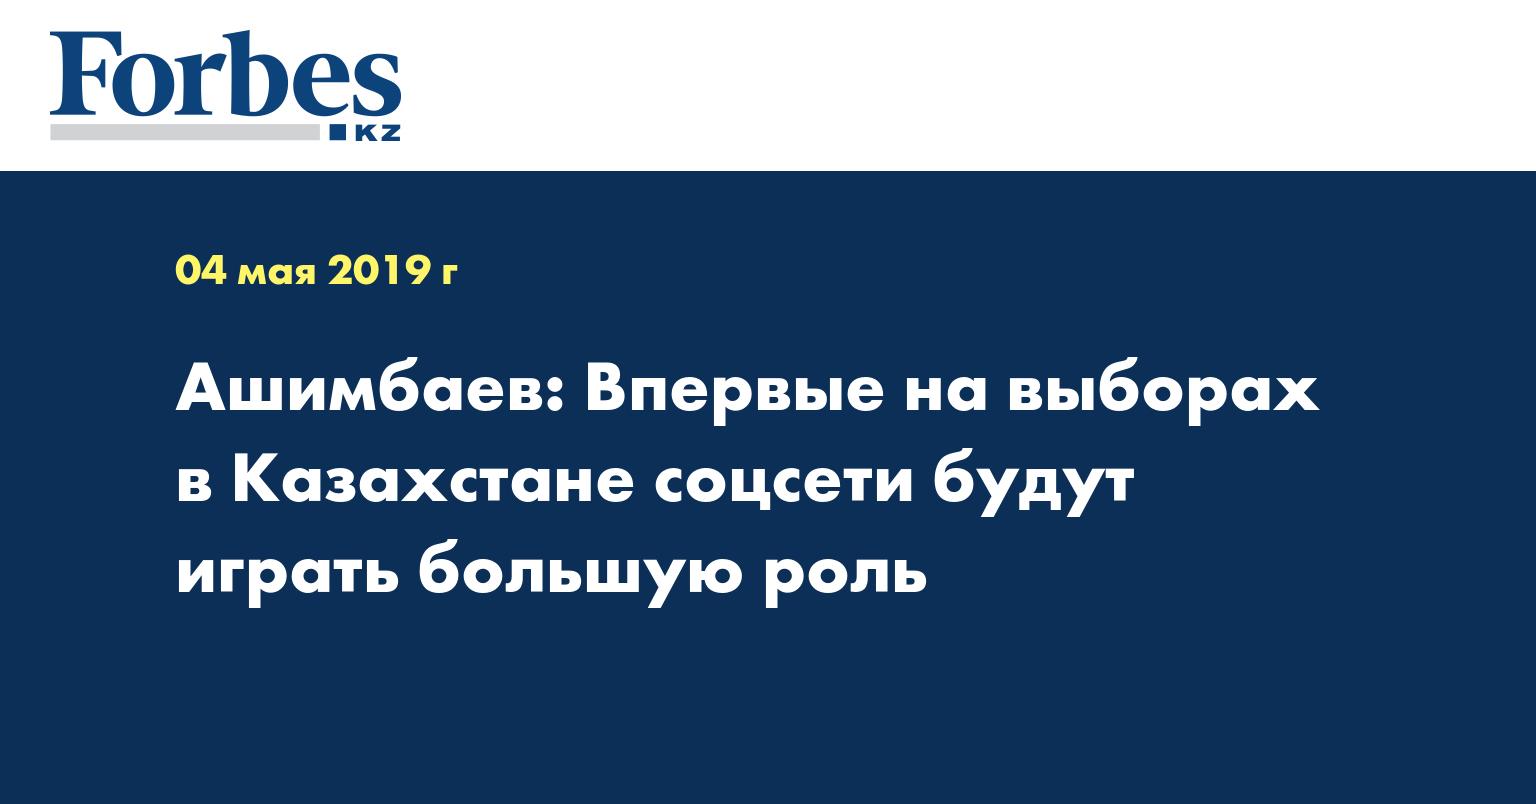 Ашимбаев: Впервые на выборах в Казахстане соцсети будут играть большую роль